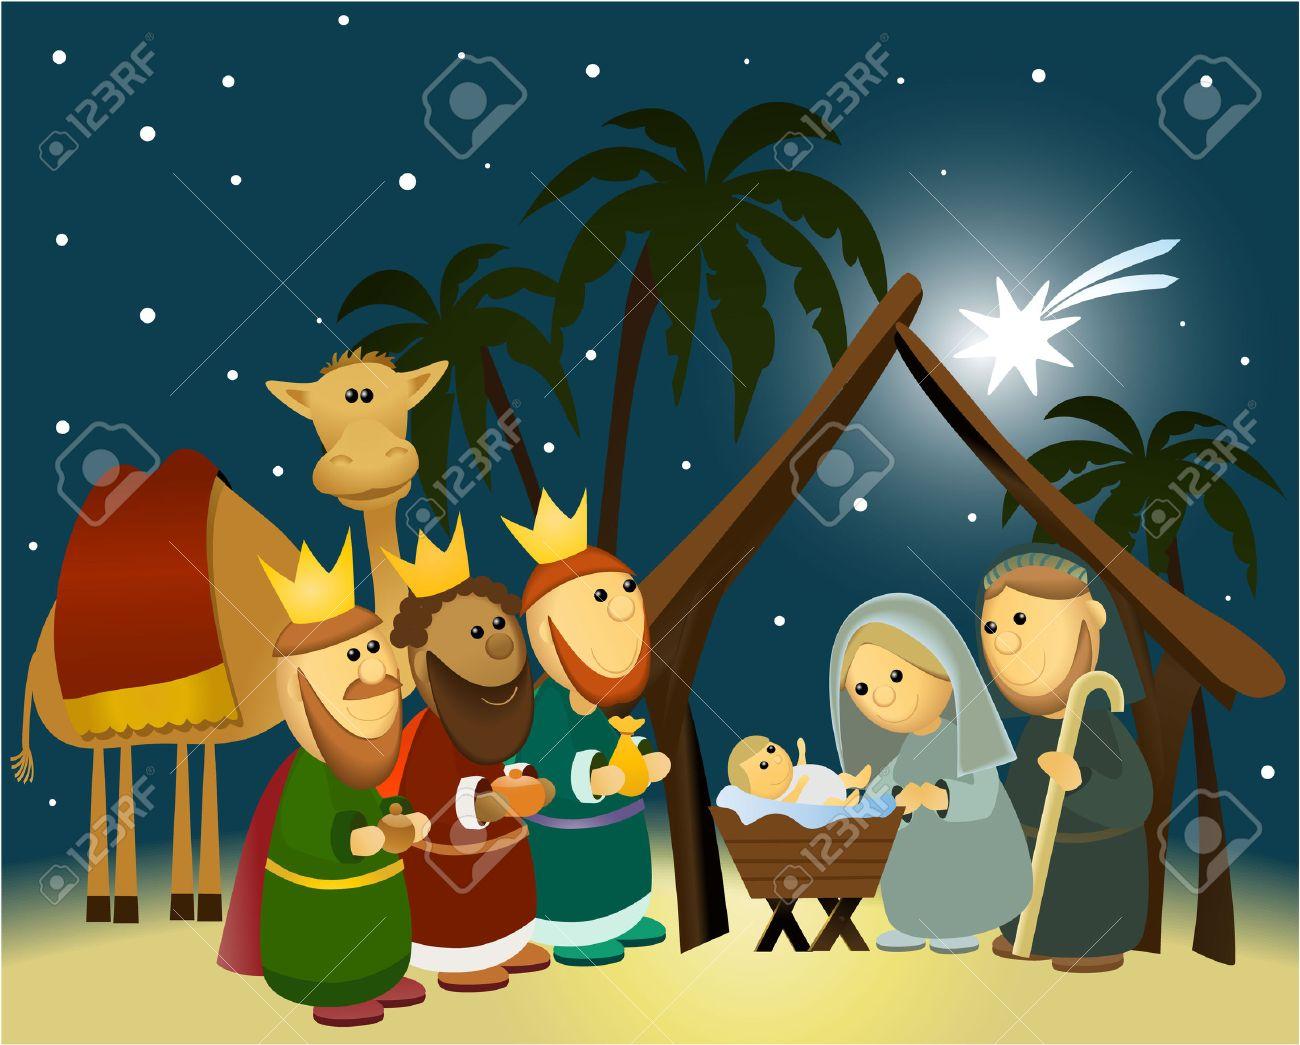 hight resolution of cartoon nativity scene with holy family stock vector 30680749